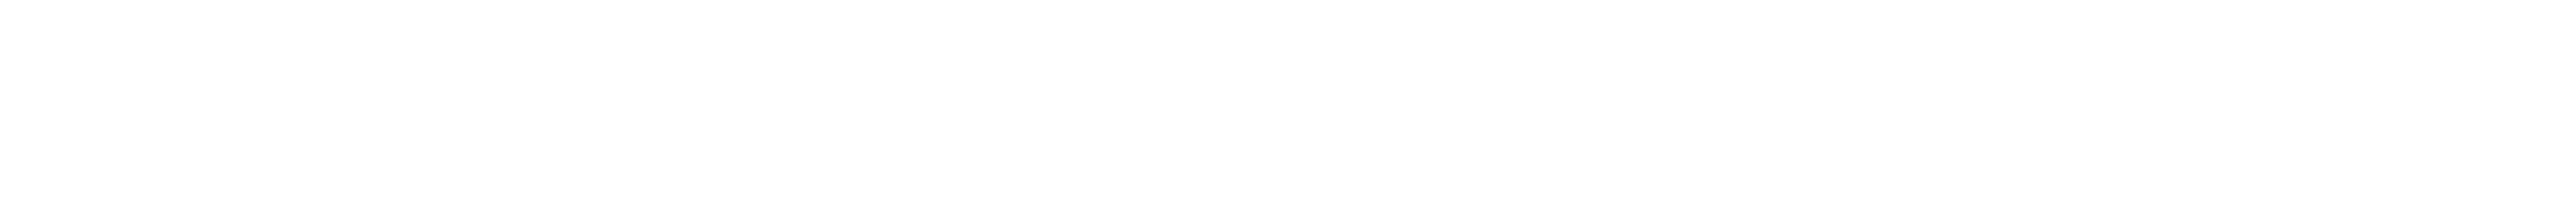 永吉安(厦门)消防科技有限公司